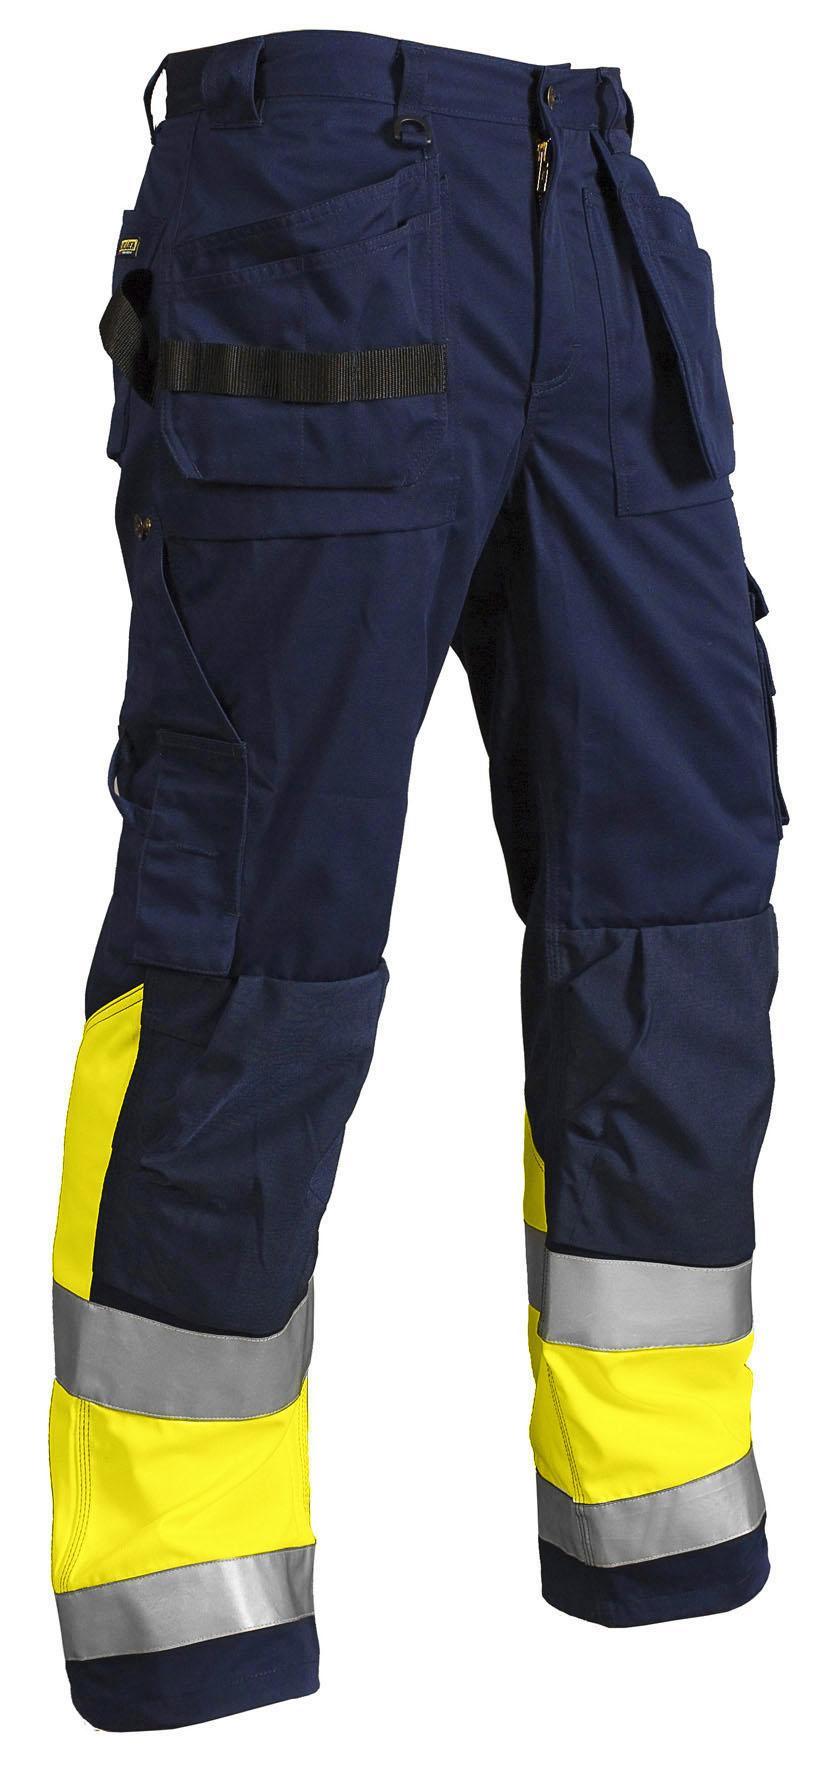 pantalon artisan hiver classe 1 pantalon de travail v tements de travail haute visibilit. Black Bedroom Furniture Sets. Home Design Ideas